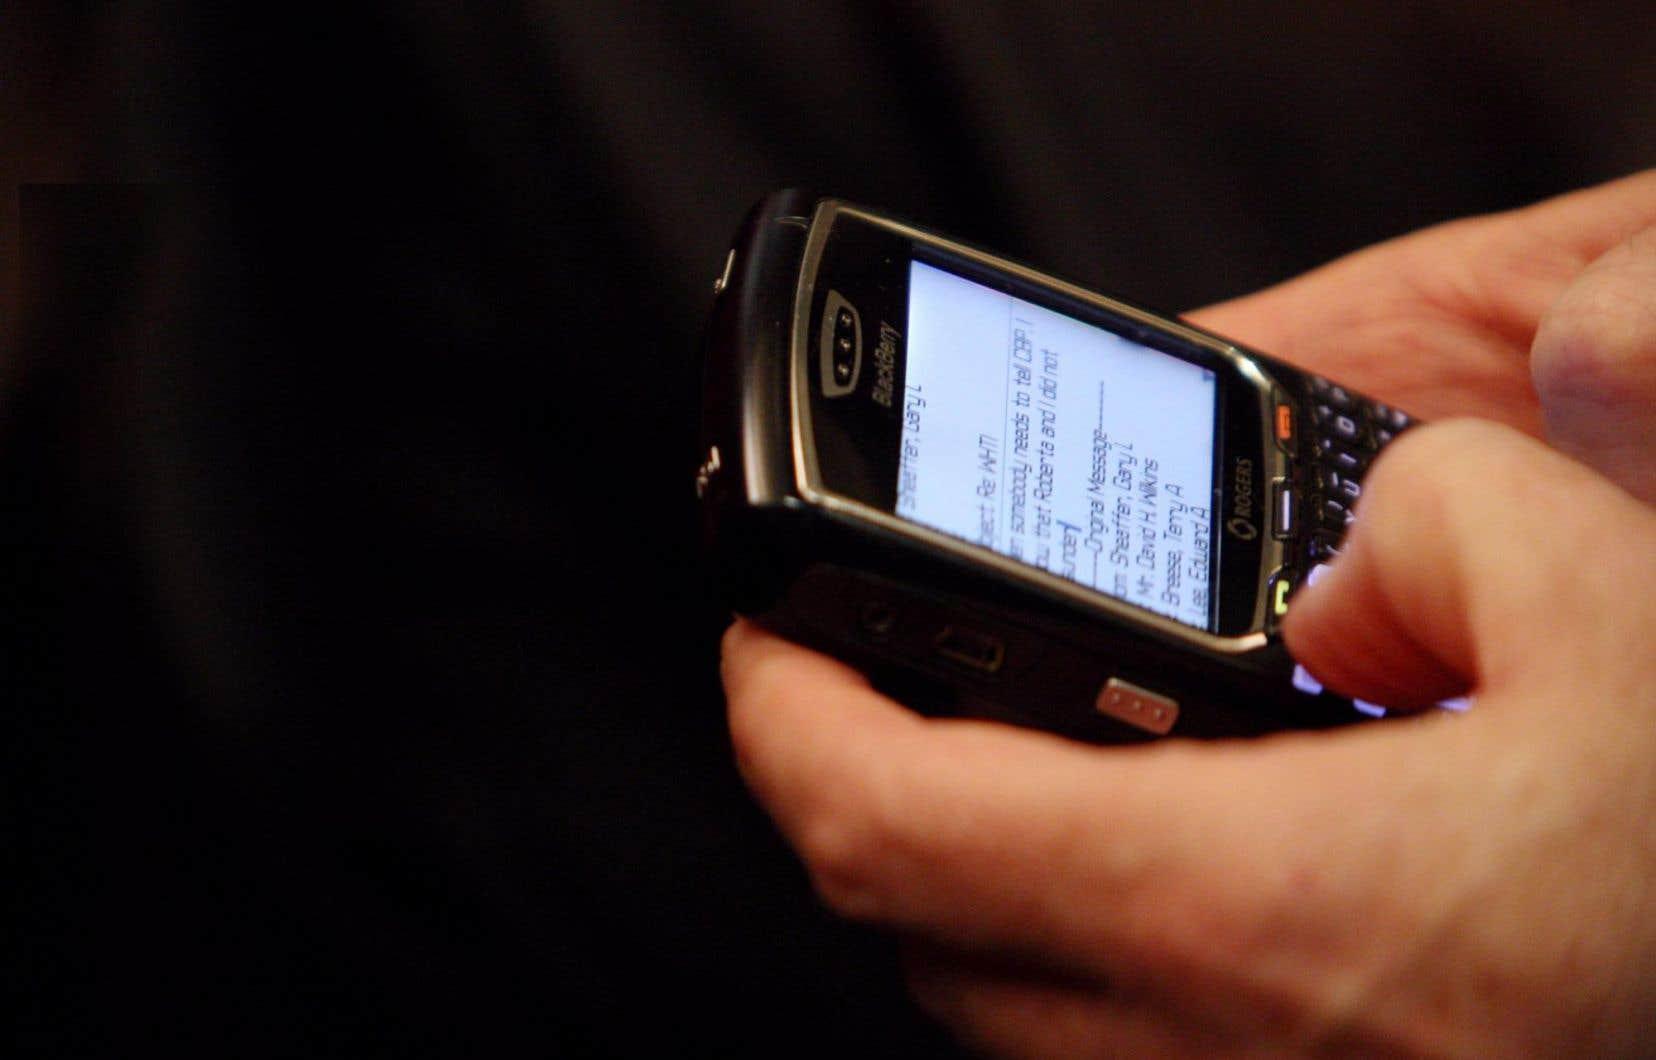 Selon le patron de BlackBerry, le monde est un «sombre endroit» lorsque les entreprises placent leur réputation au-dessus du bien commun.